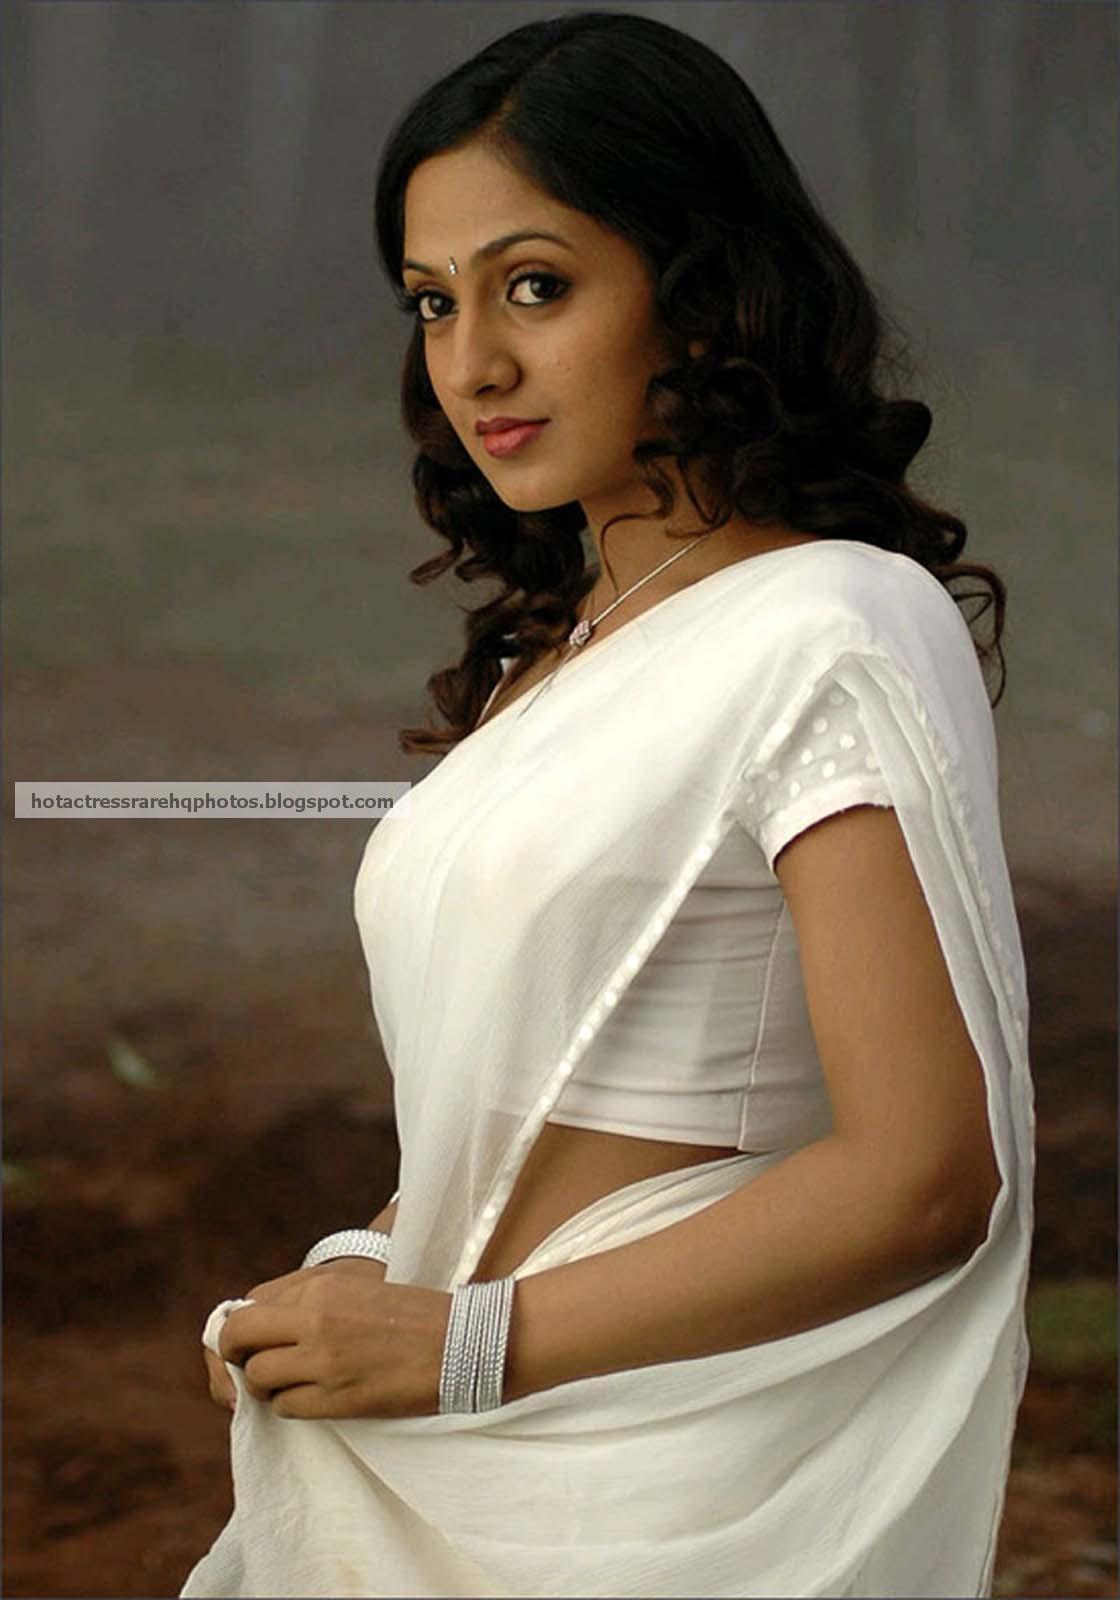 Hot Indian Actress Rare HQ Photos: Tamil Actress Sheela Spicy Photo ...